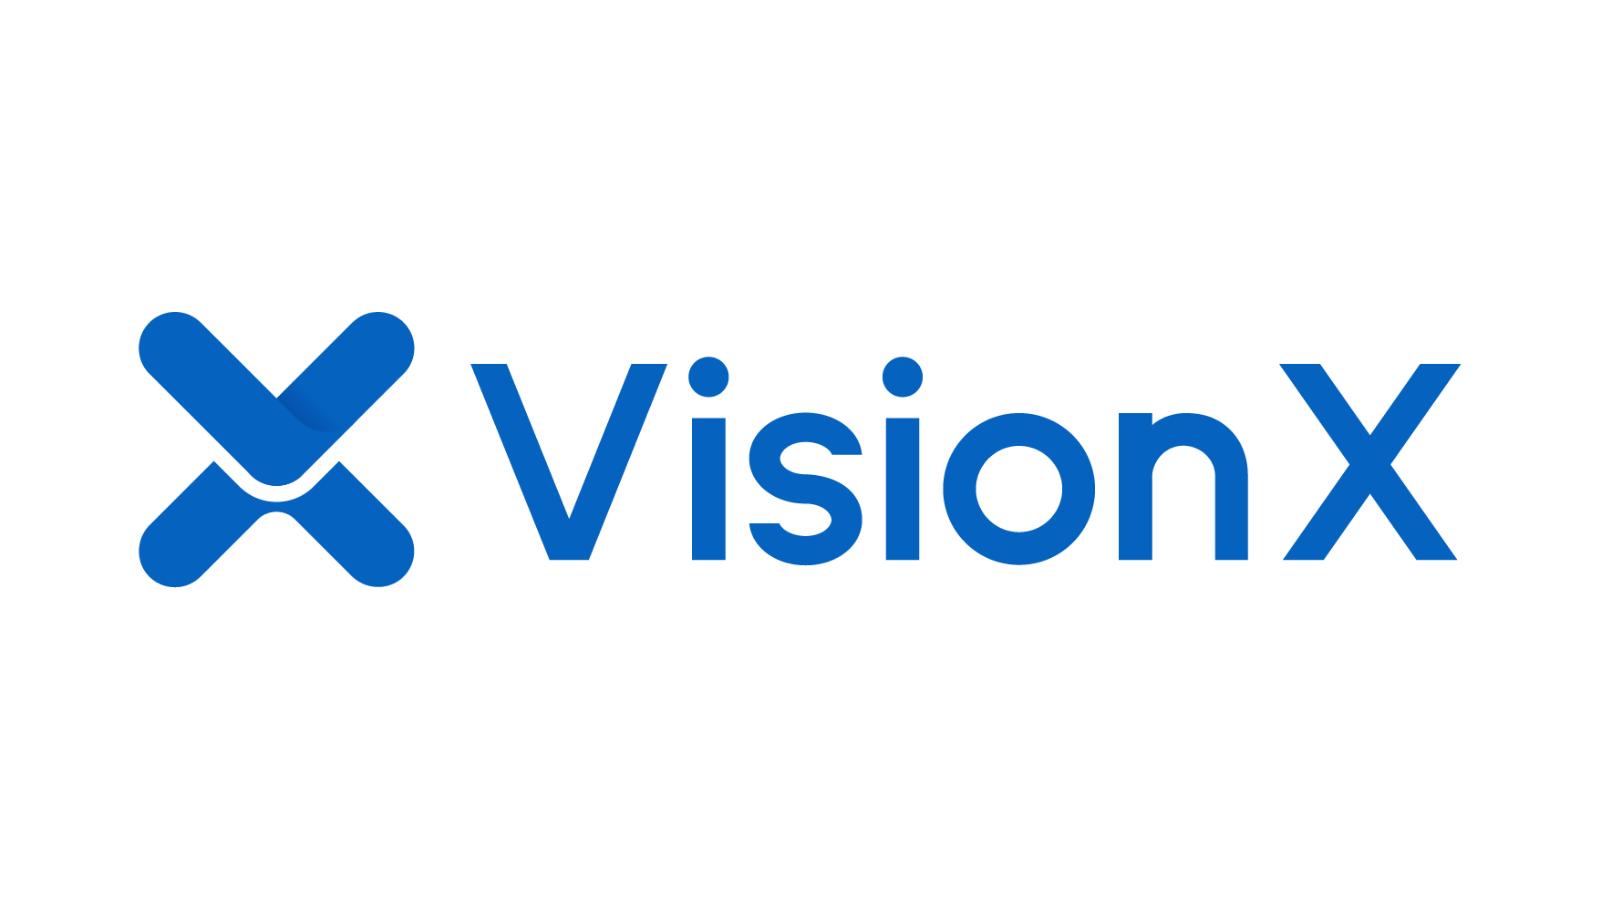 ... VISIONX. ICO